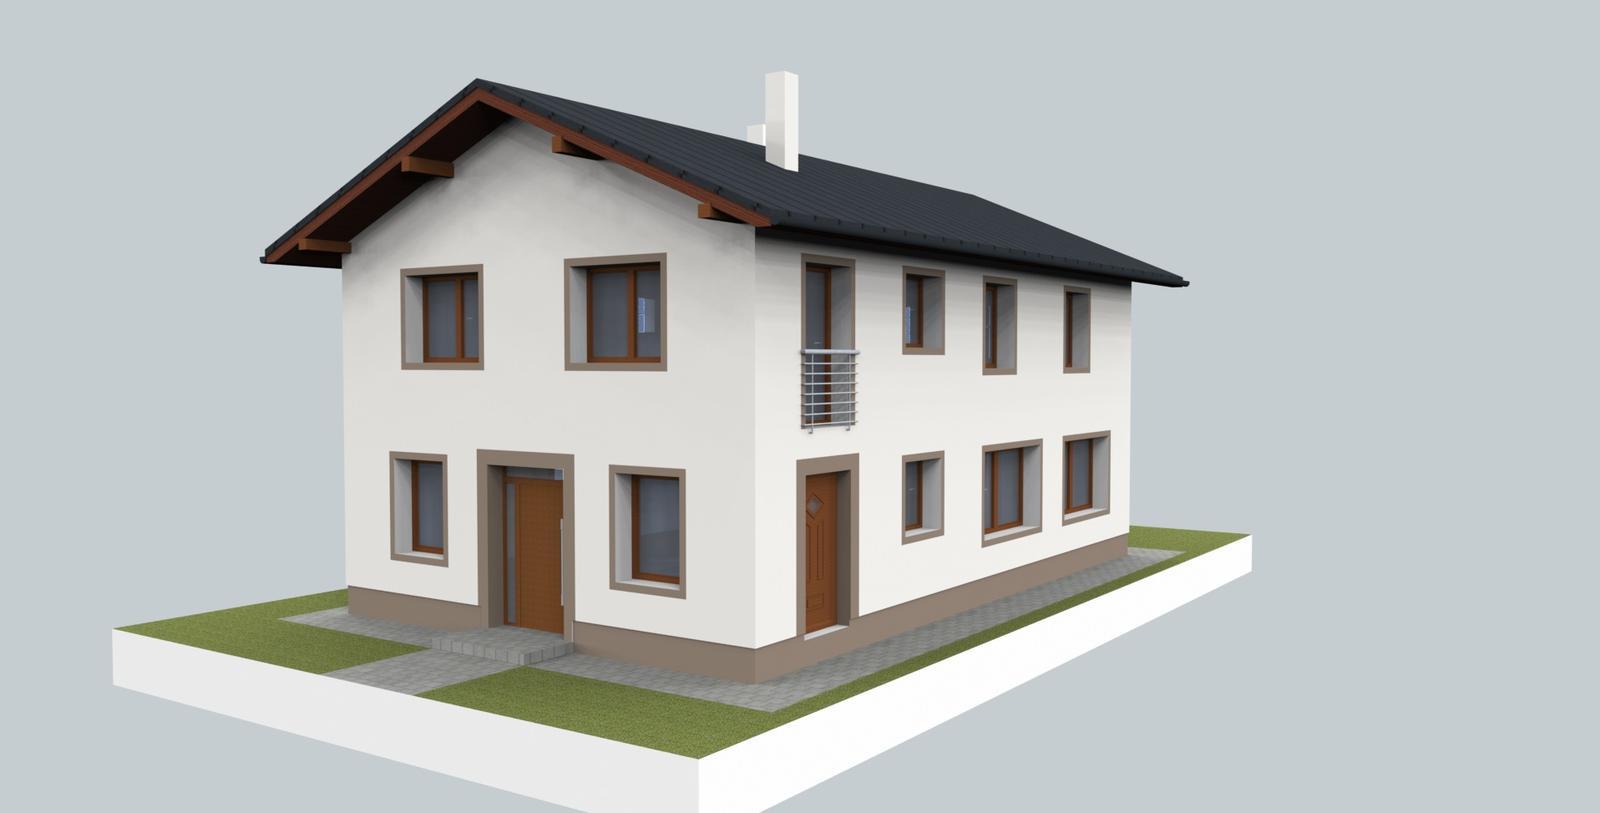 Prebiehajuce projekty - Jeden z návrhov fasády poskytnutý na výber investorovi- zvolený ako finálny.